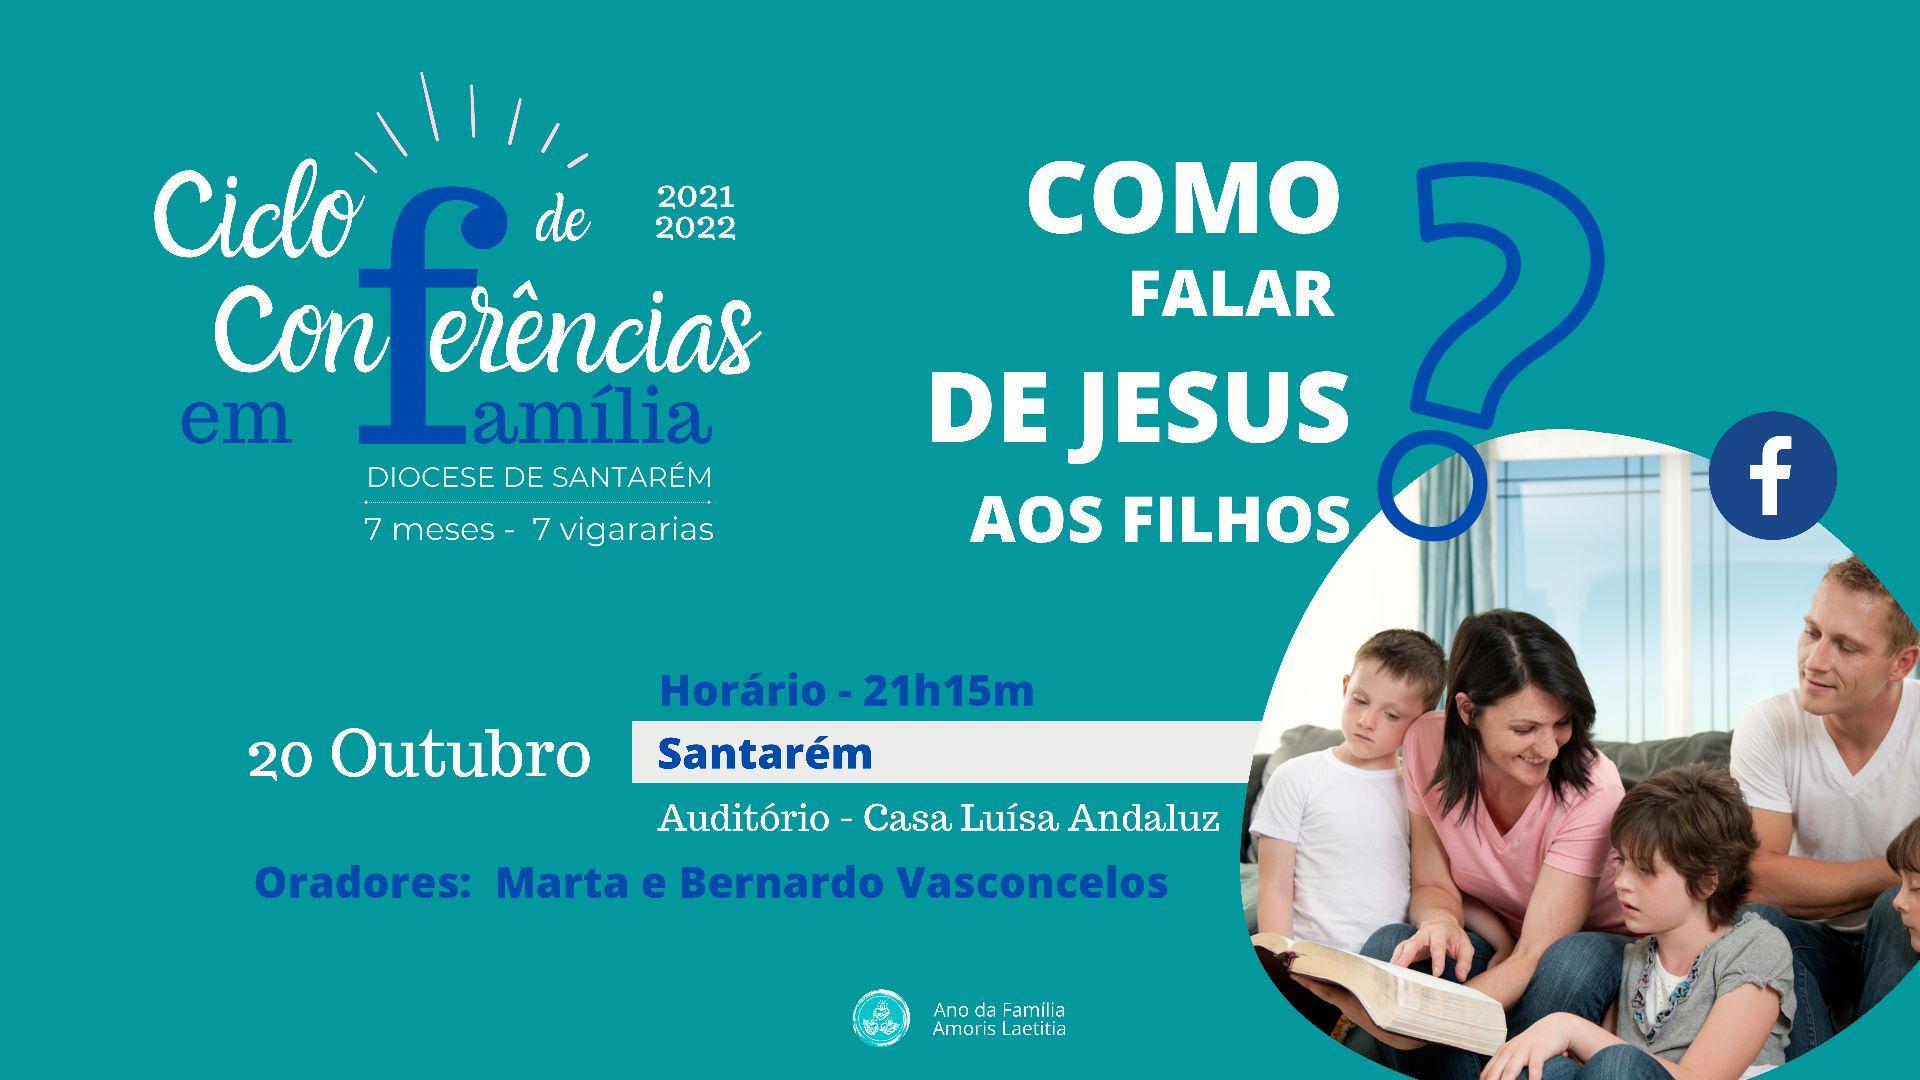 Agenda completa do Ciclo de Conferências em Família